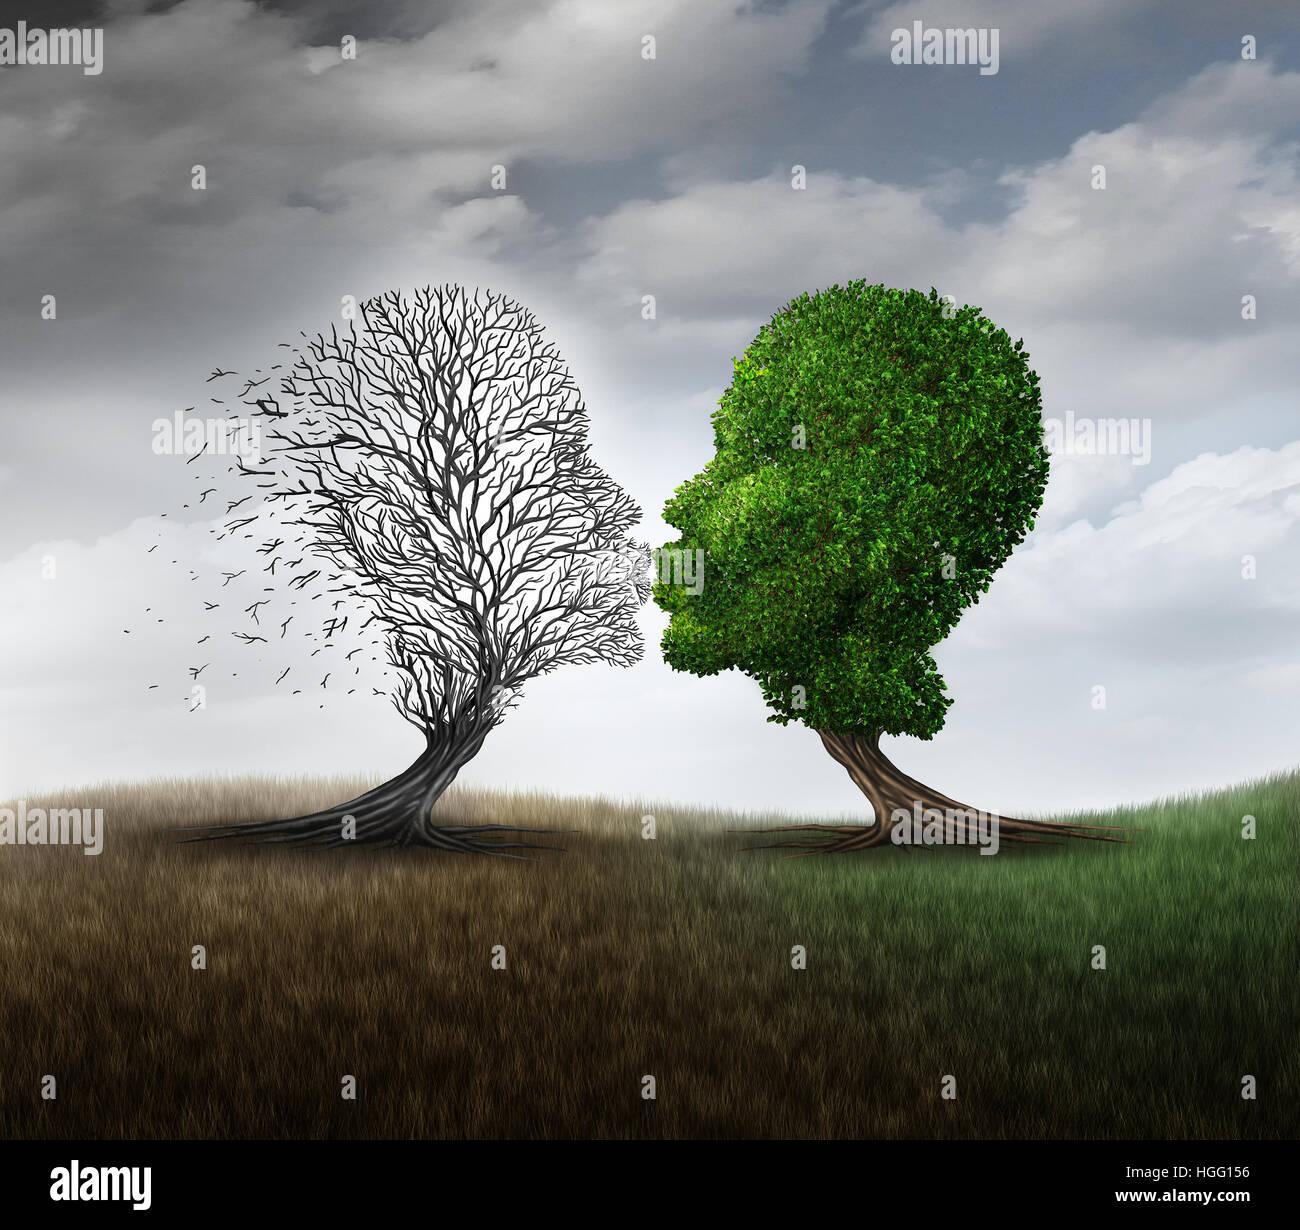 Morto il concetto di amore e di dolore di un rapporto di perdita come simbolo di un albero verde baciando un altro Immagini Stock